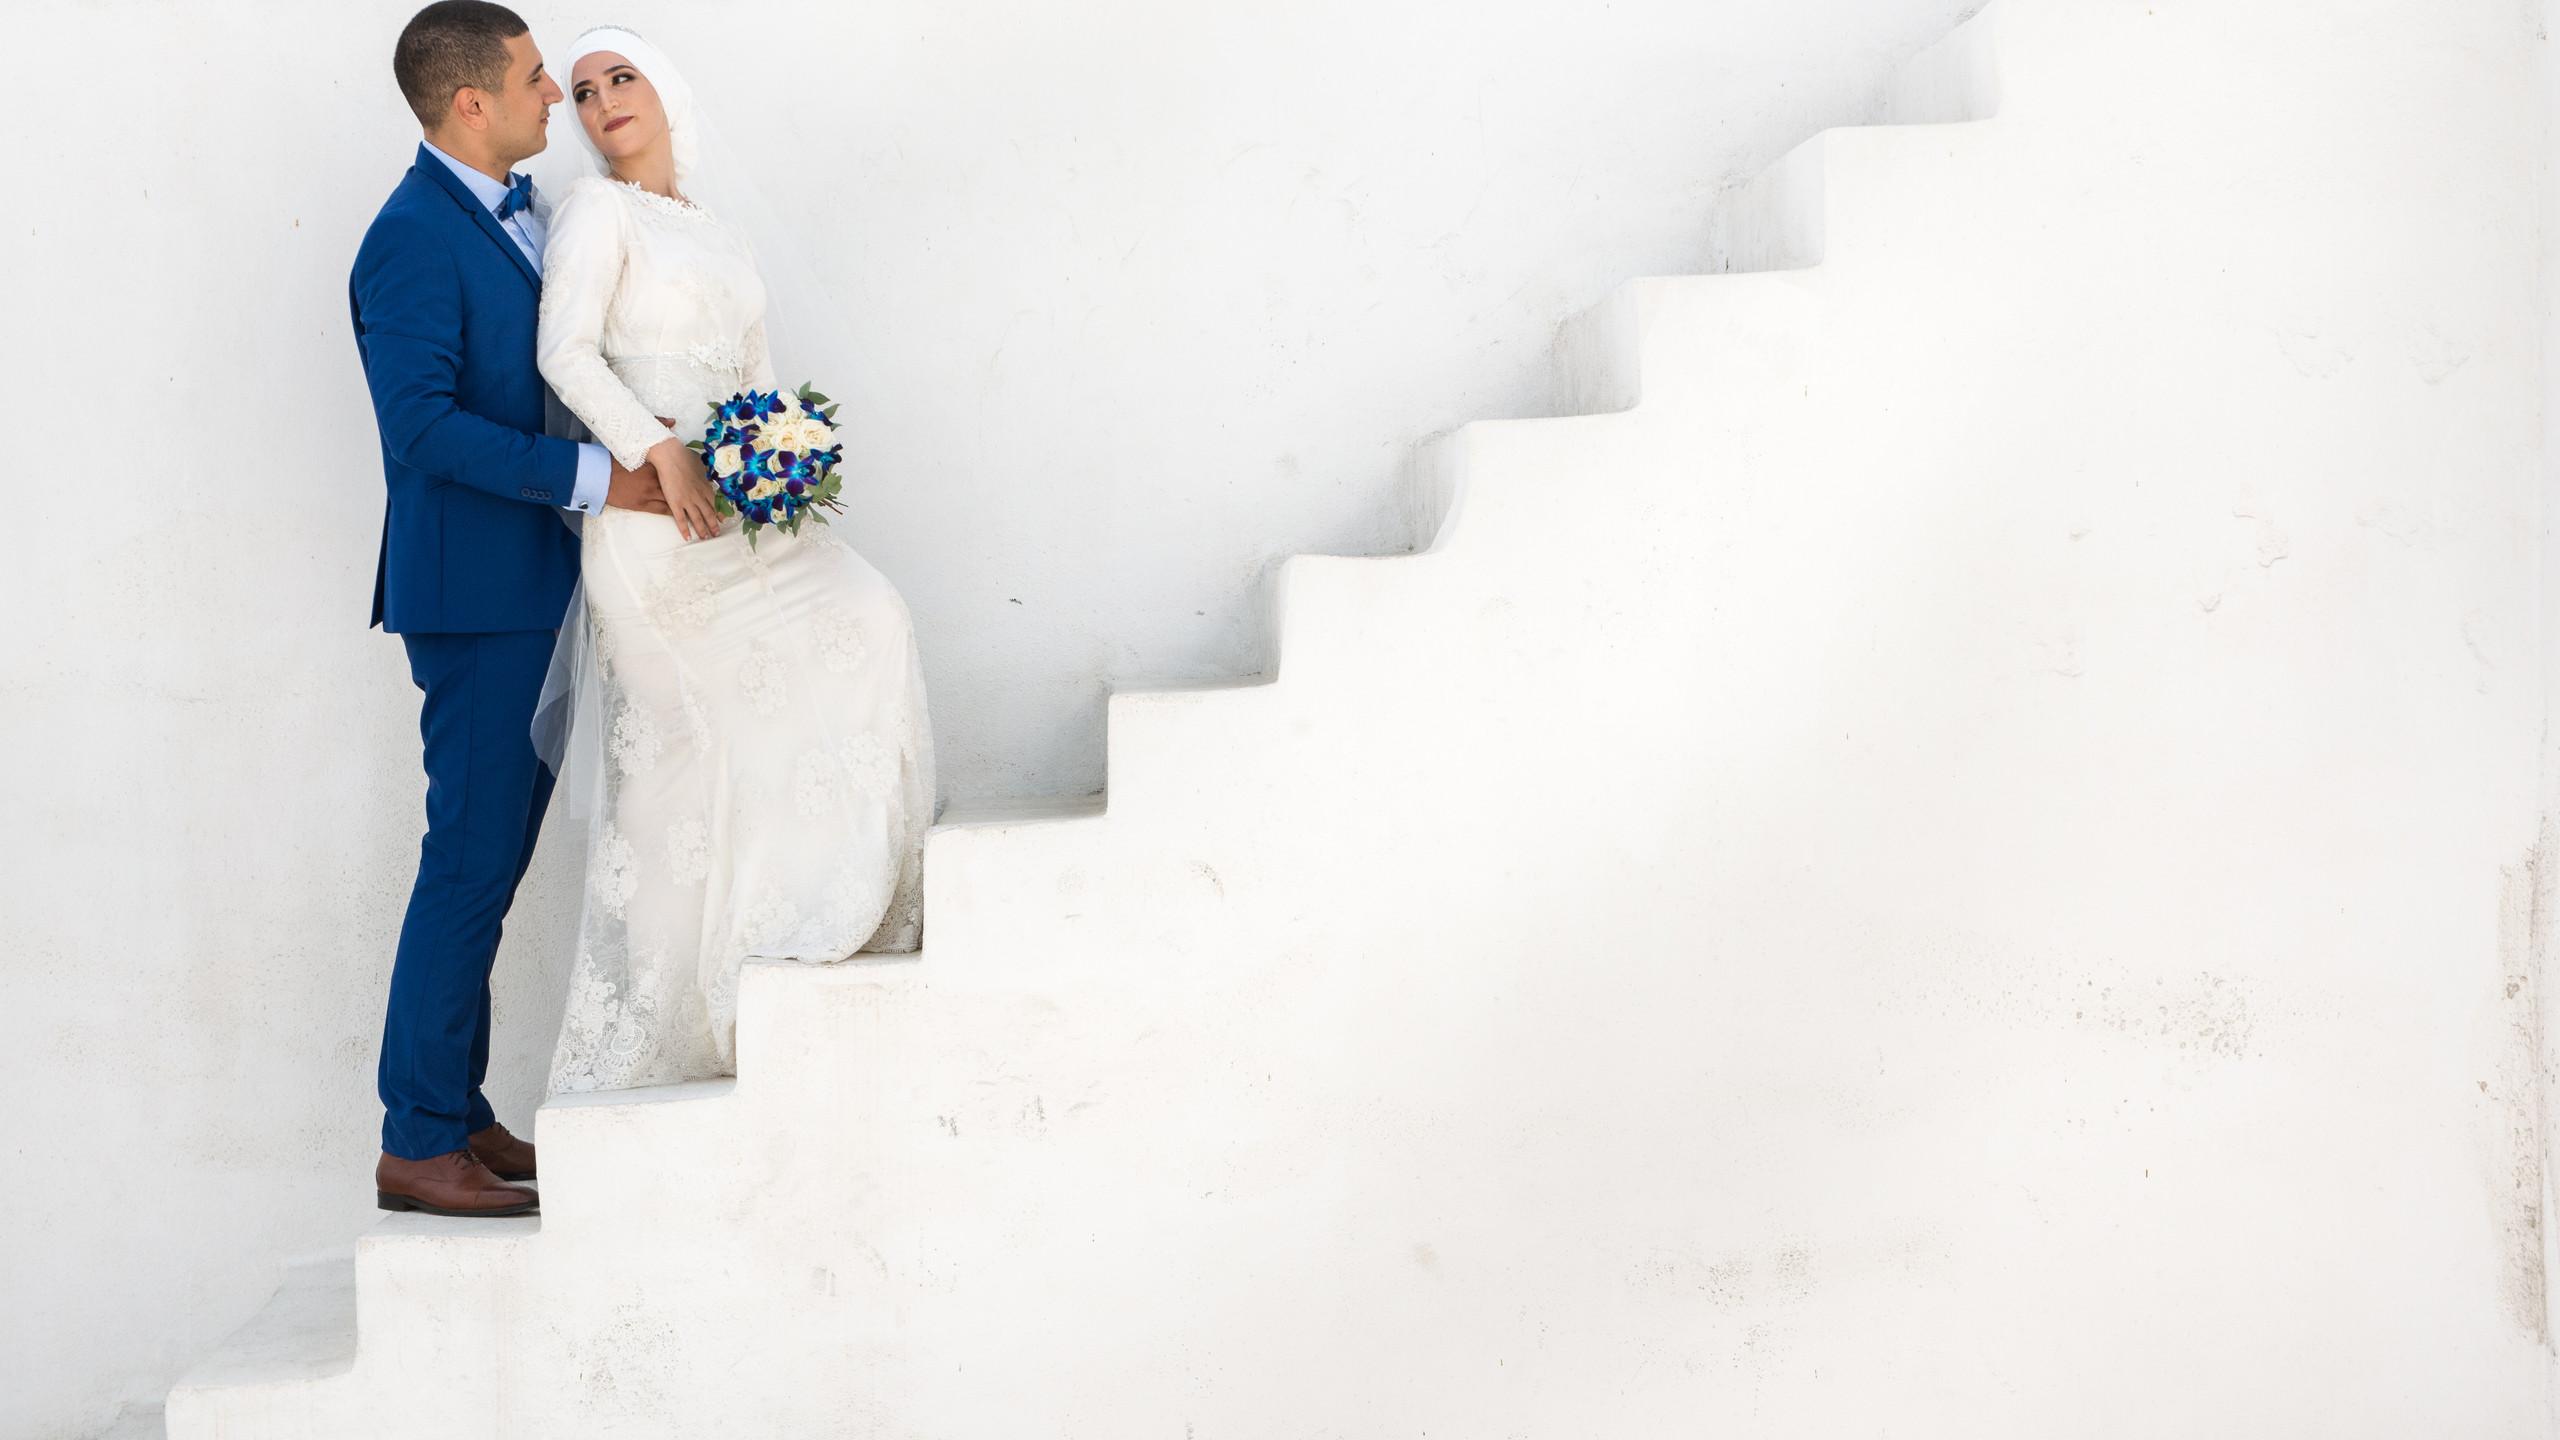 Total white santorini wedding